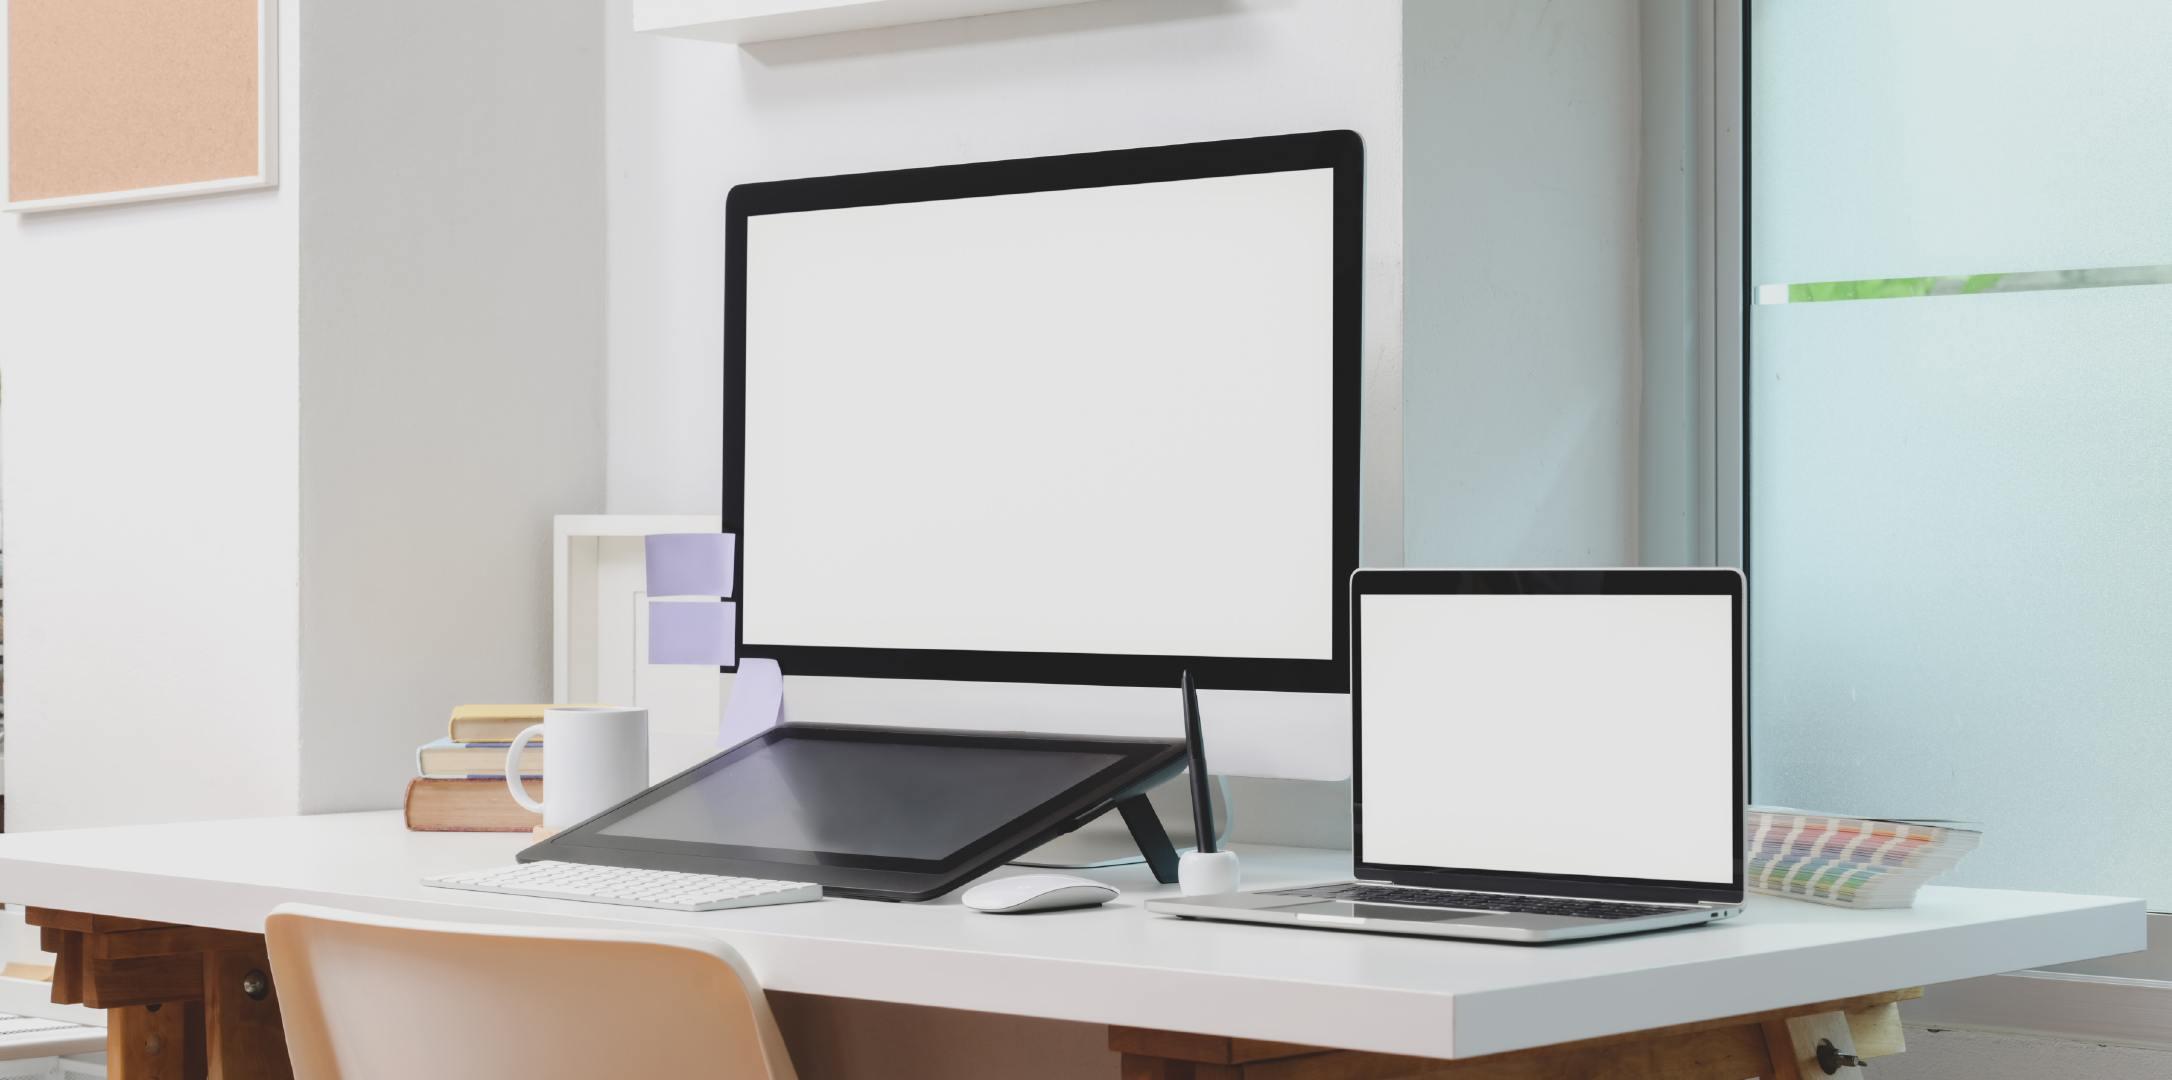 办公桌上白屏的Mac苹果电脑高清壁纸大全